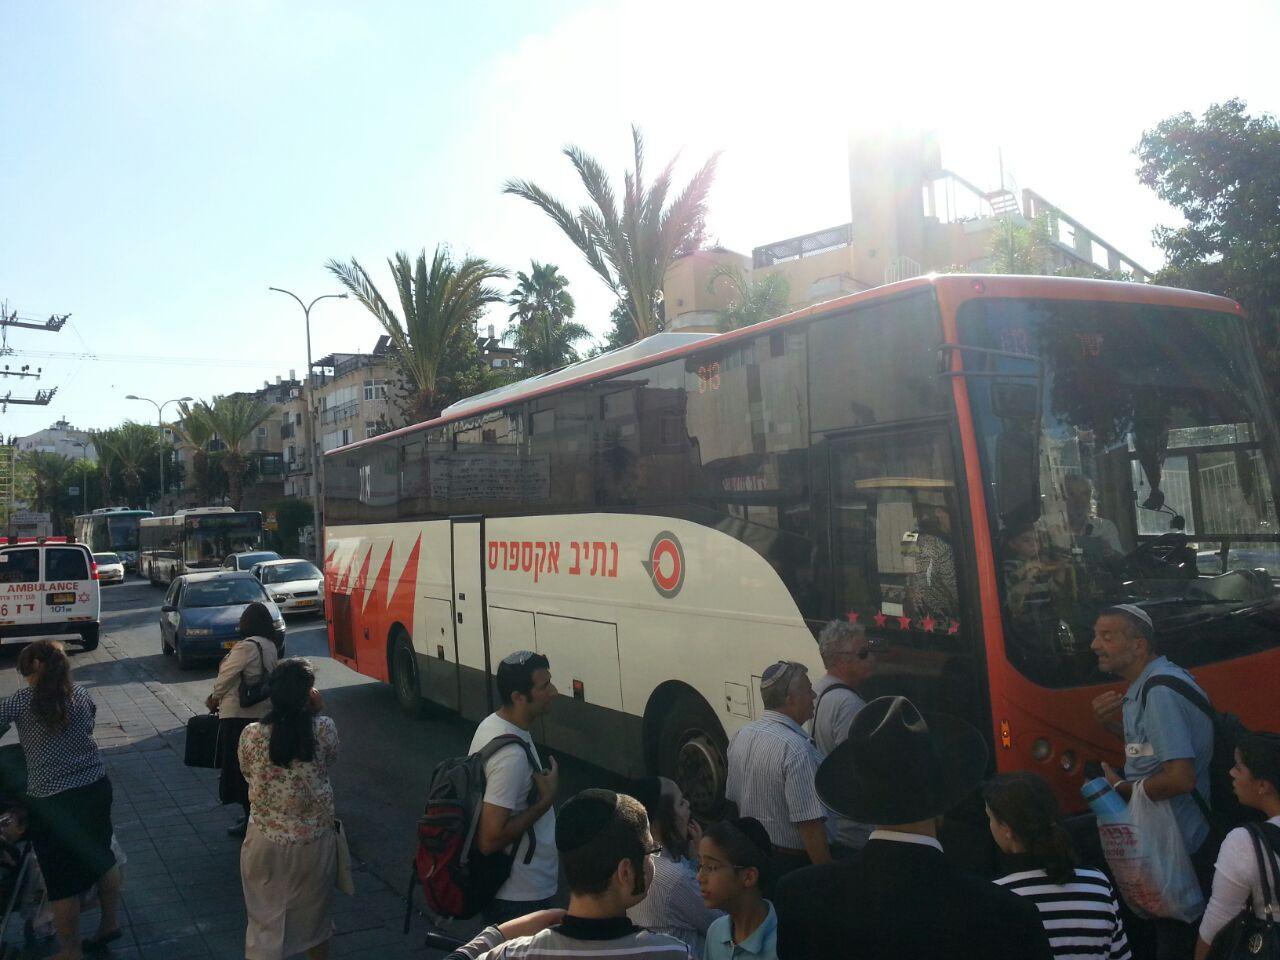 אוטובוס אוטובוסים חרדים נוסעים זועמים - צילם יהודה רחמים 24 (1)